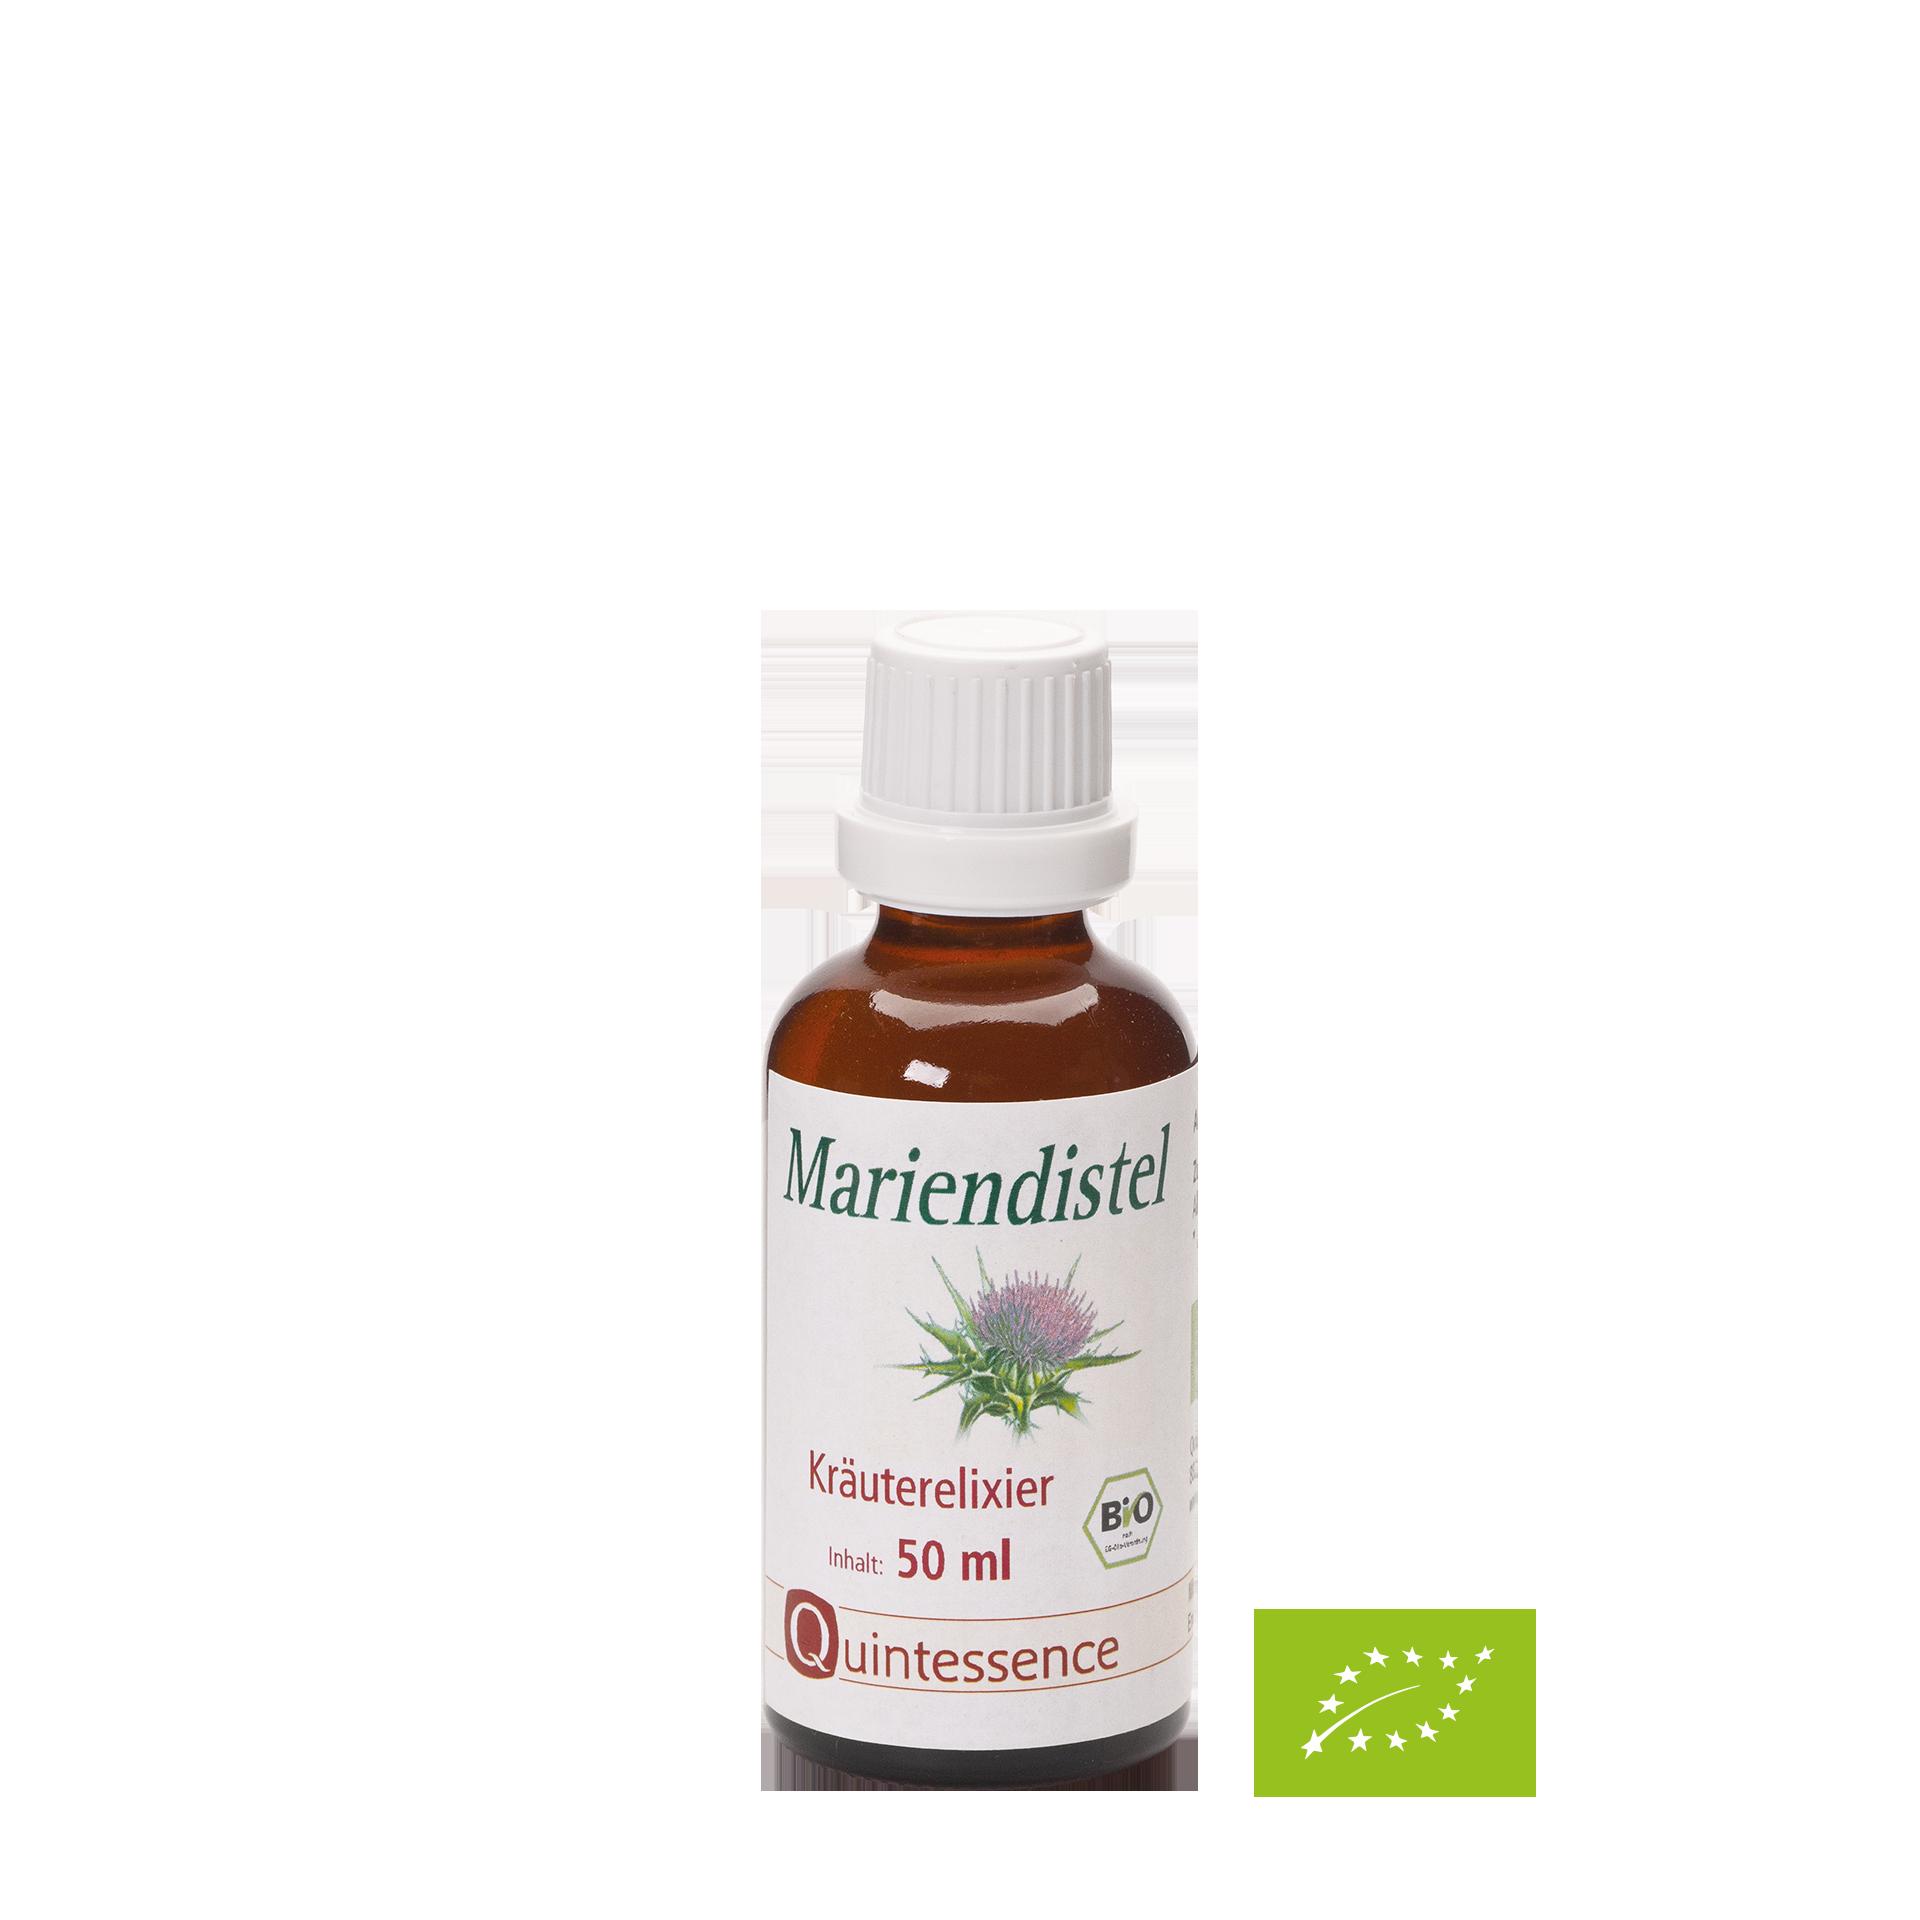 Mariendistel Kräuterelixier, BIO, 50 ml